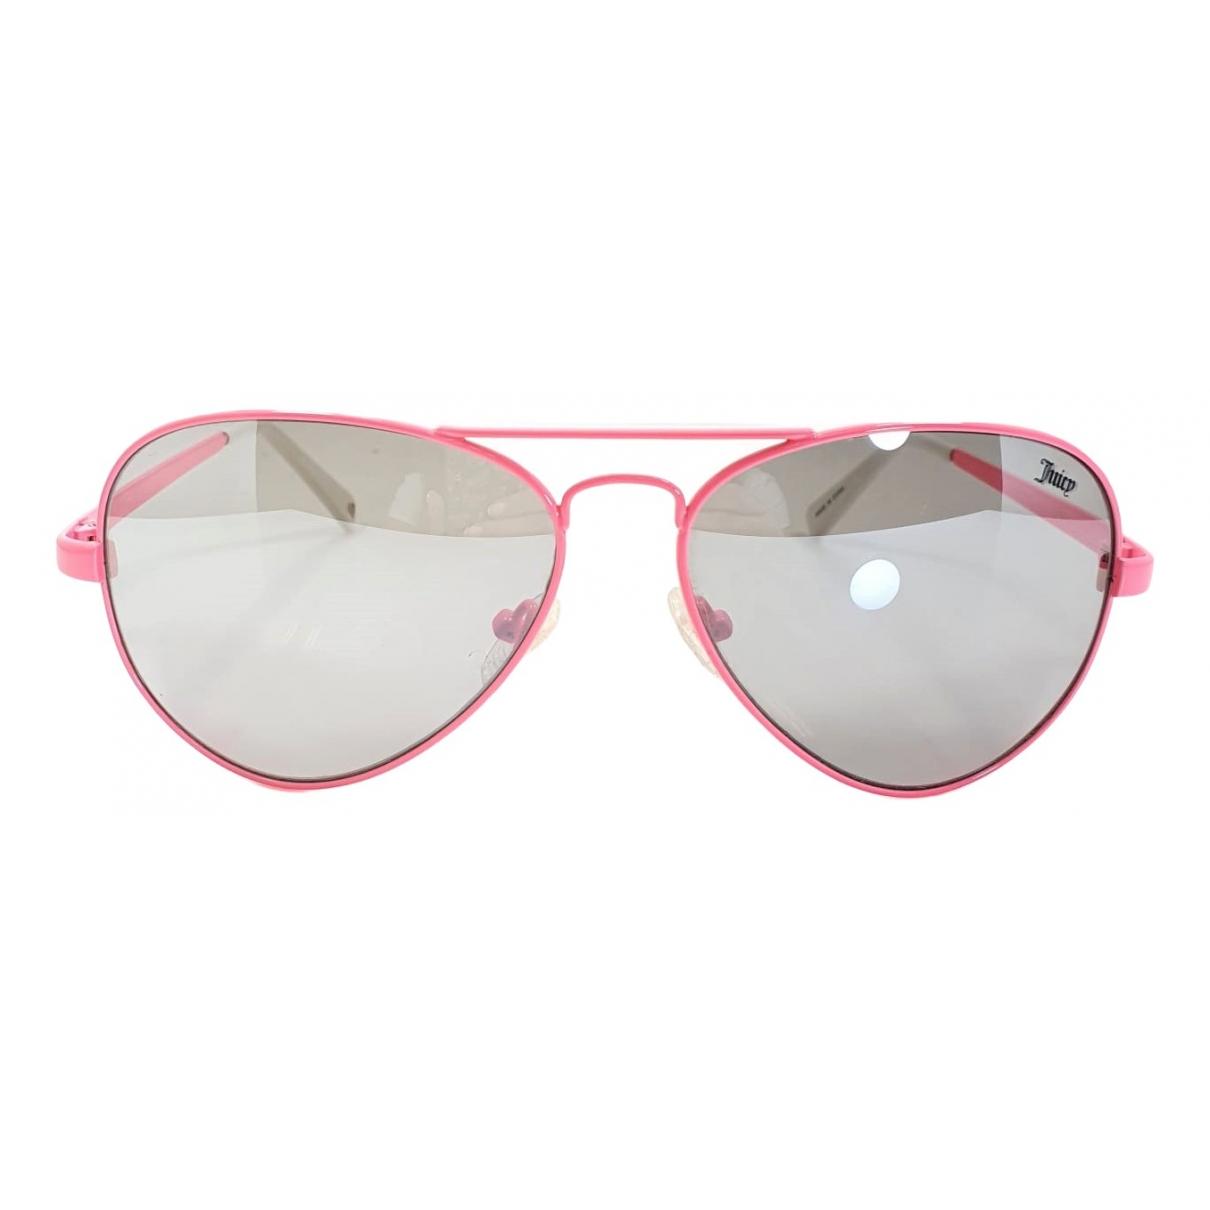 Gafas de aviador Juicy Couture